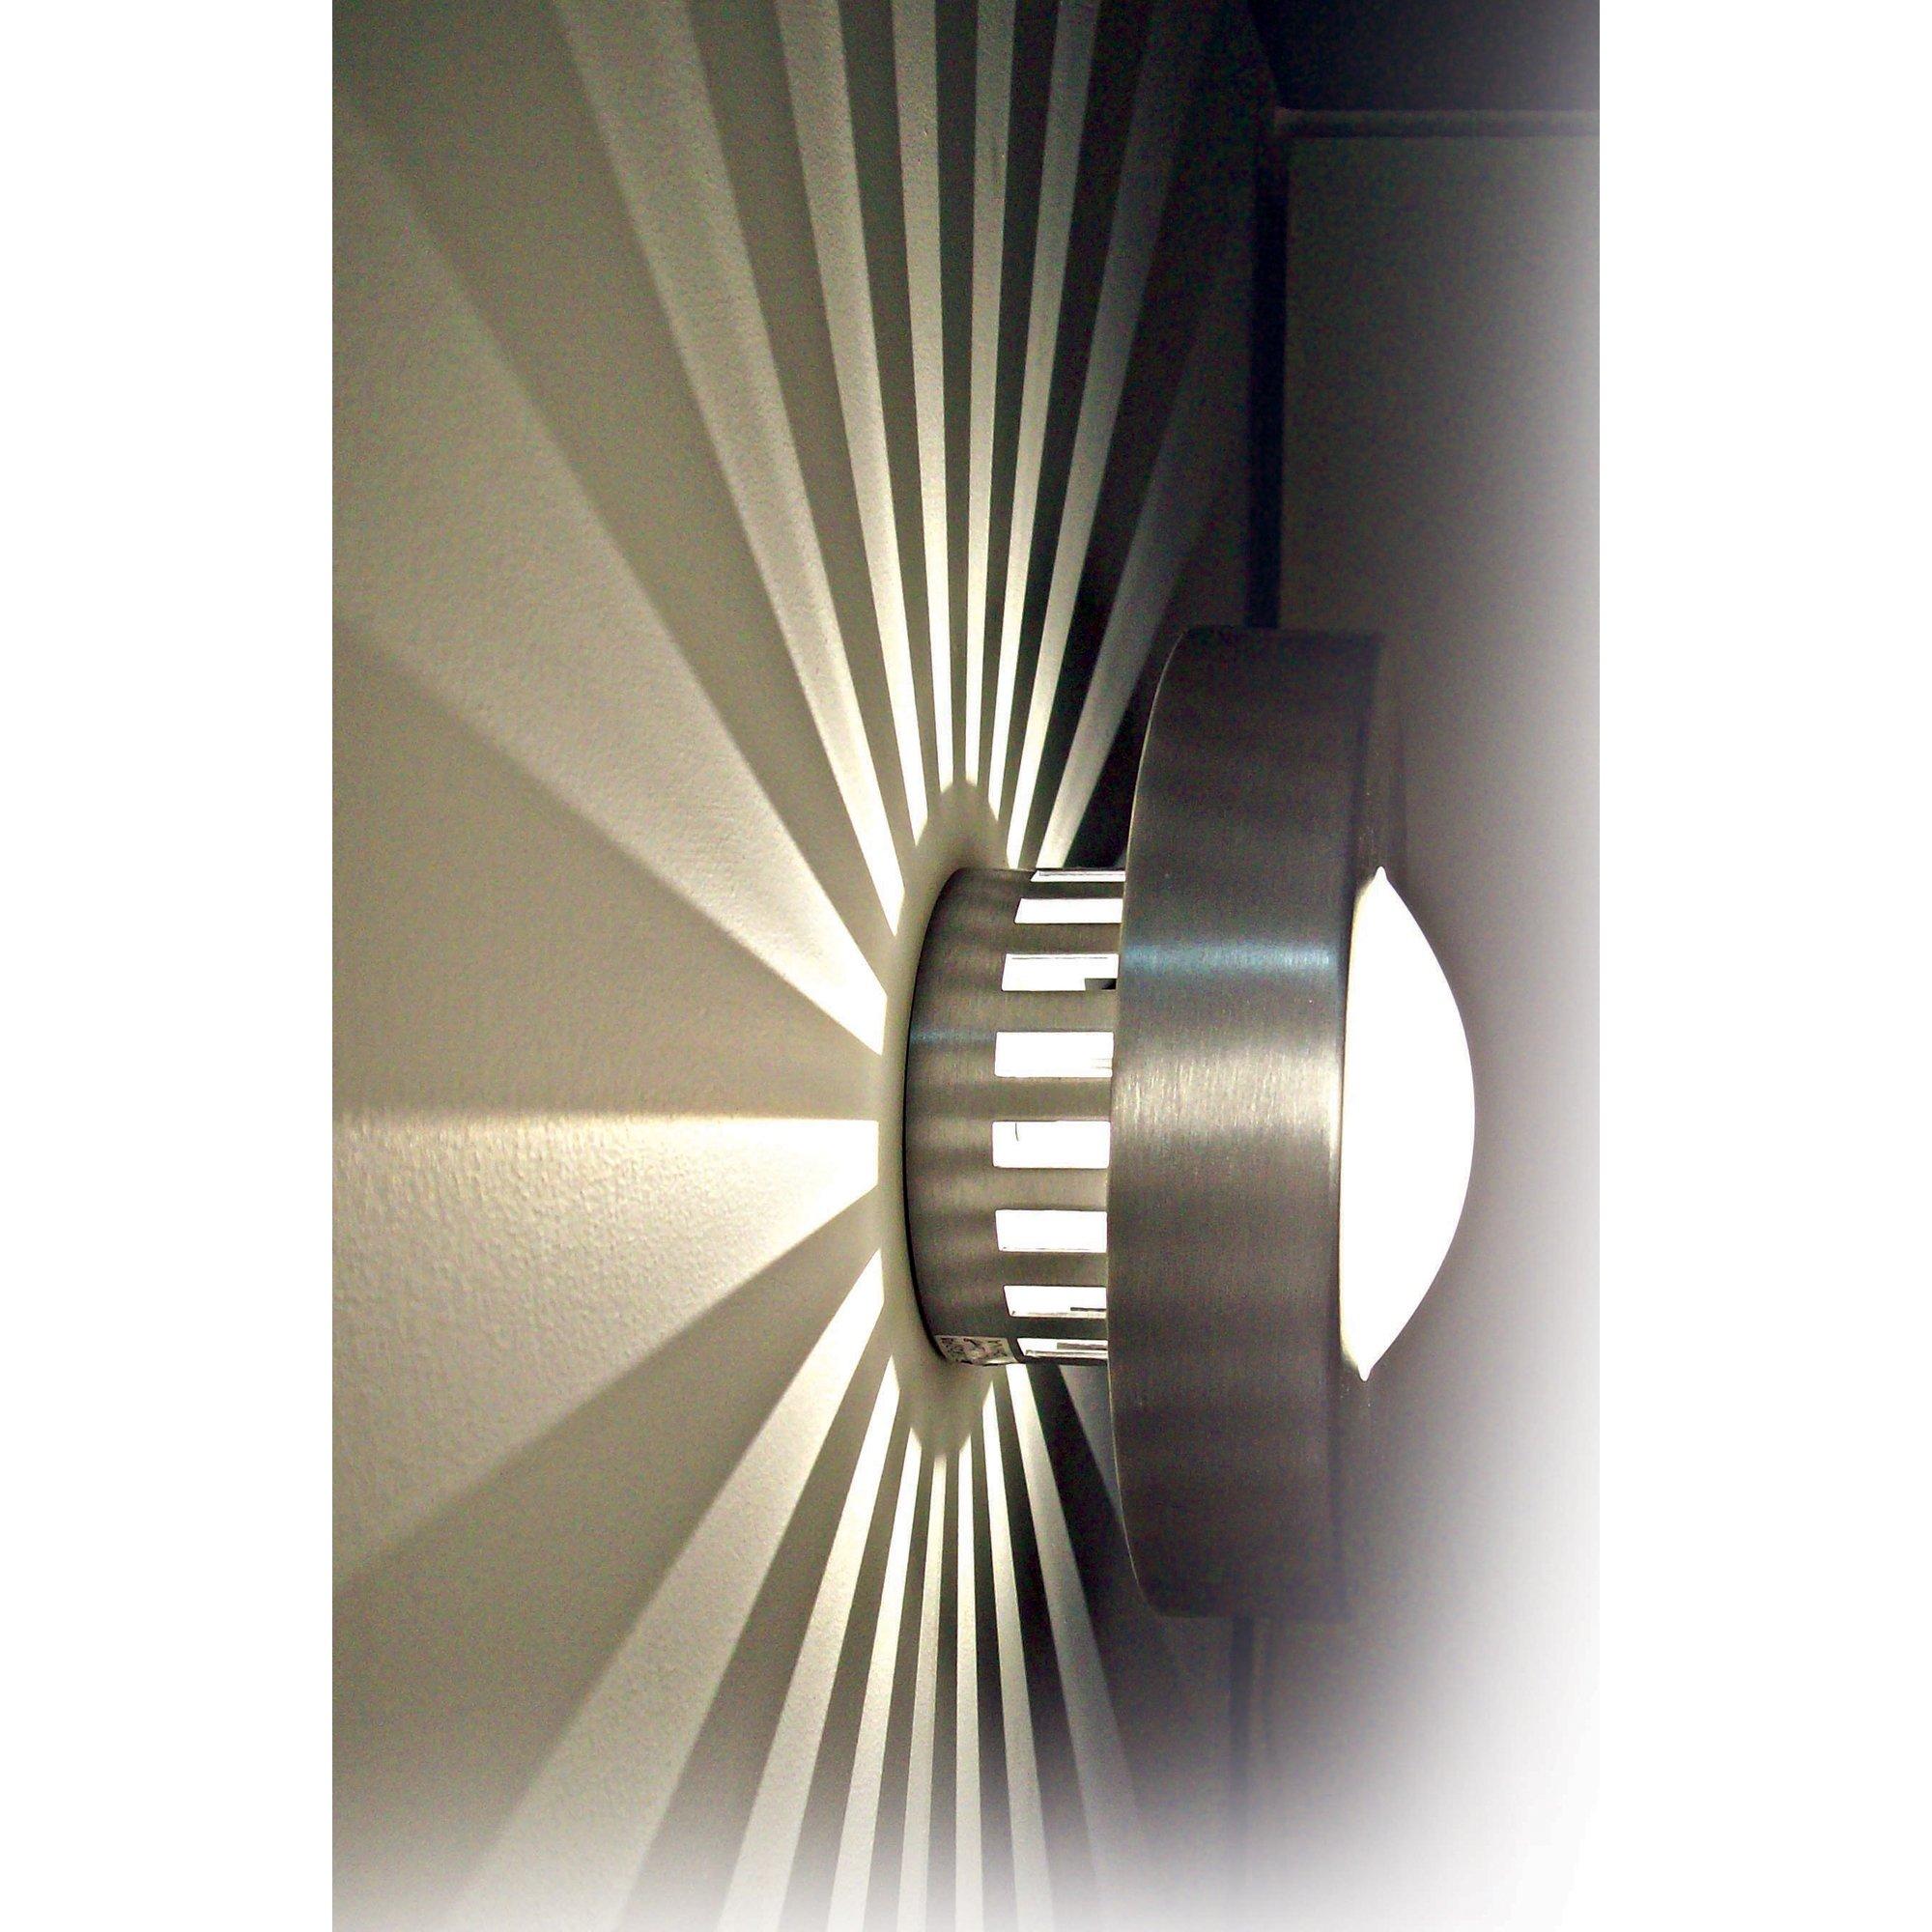 Kenroy Home 72823PA Burst Small Round Polished, Aluminum